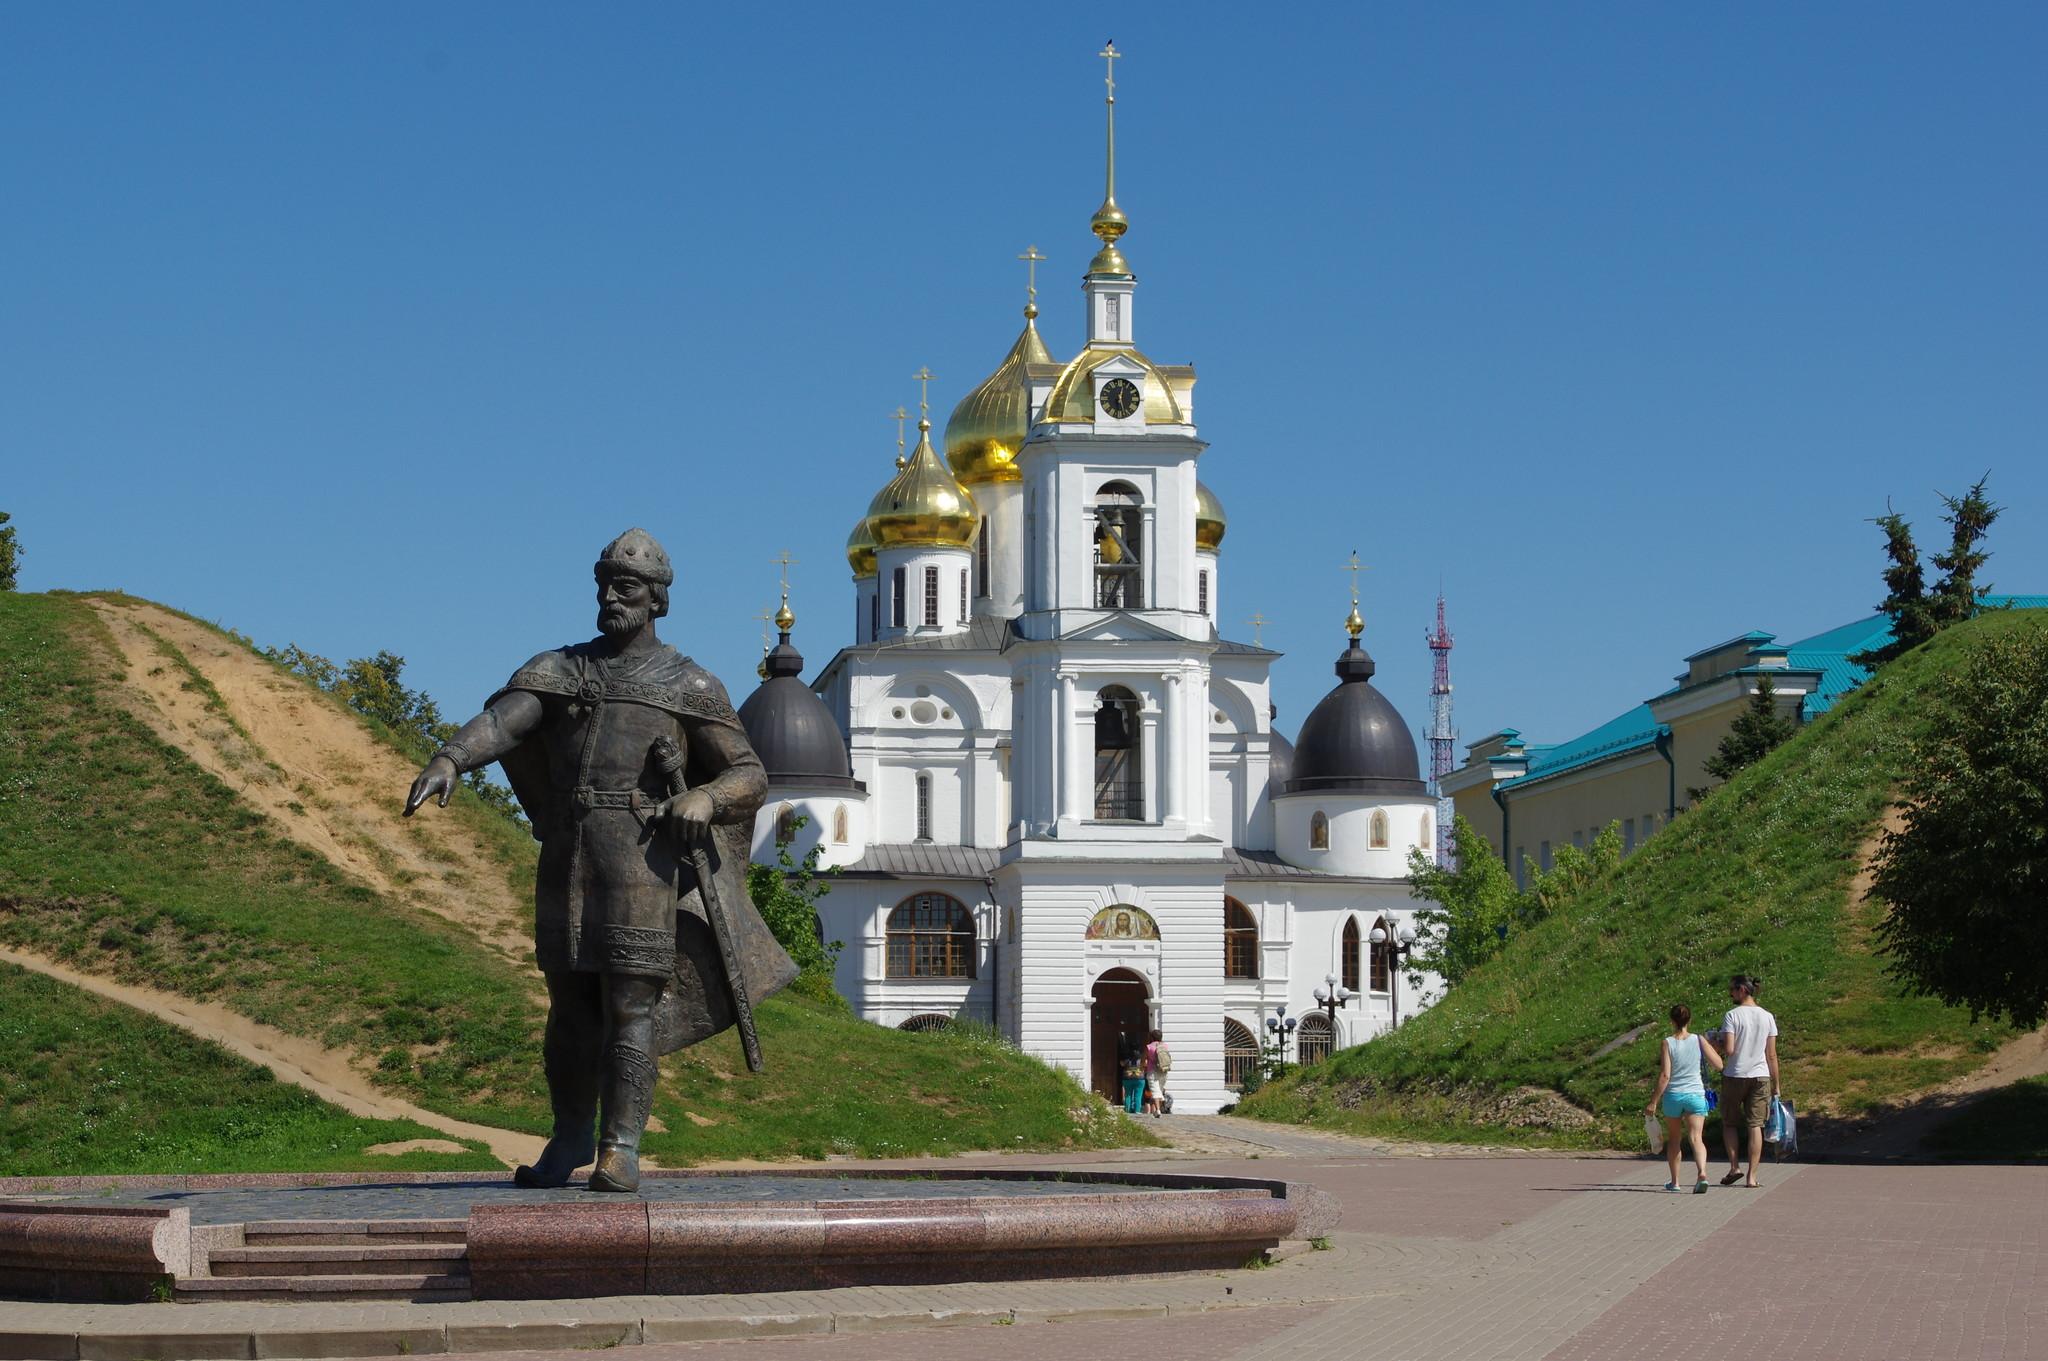 Памятник Юрию Долгорукому у южного входа в Кремль города Дмитрова